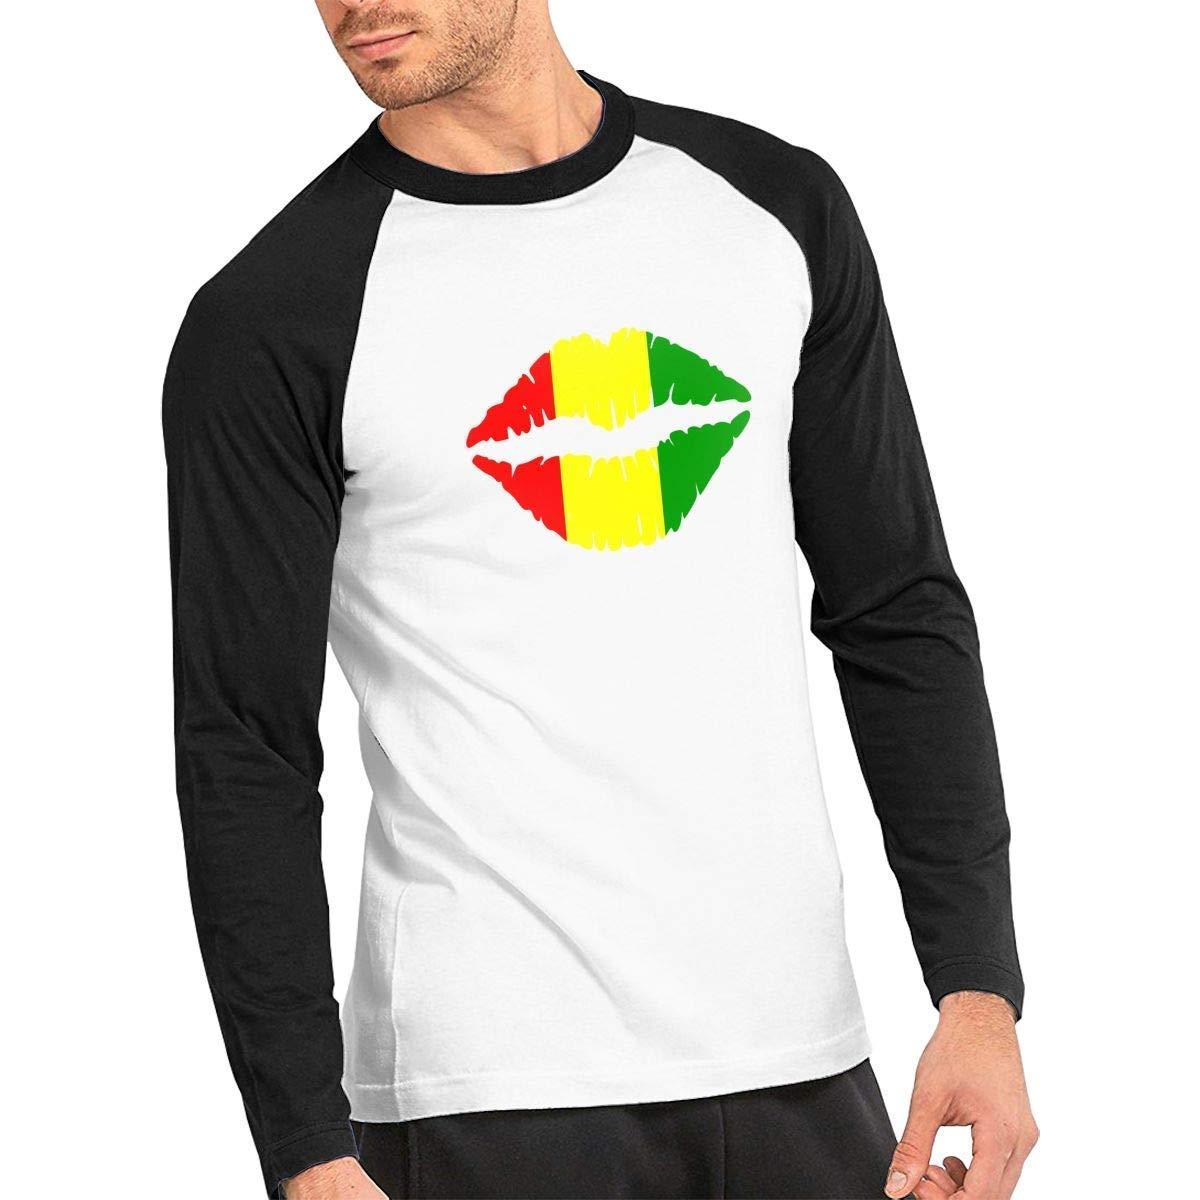 Baostic Camisetas y Tops Hombre Polos y Camisas, Reggae Rasta Lips ...